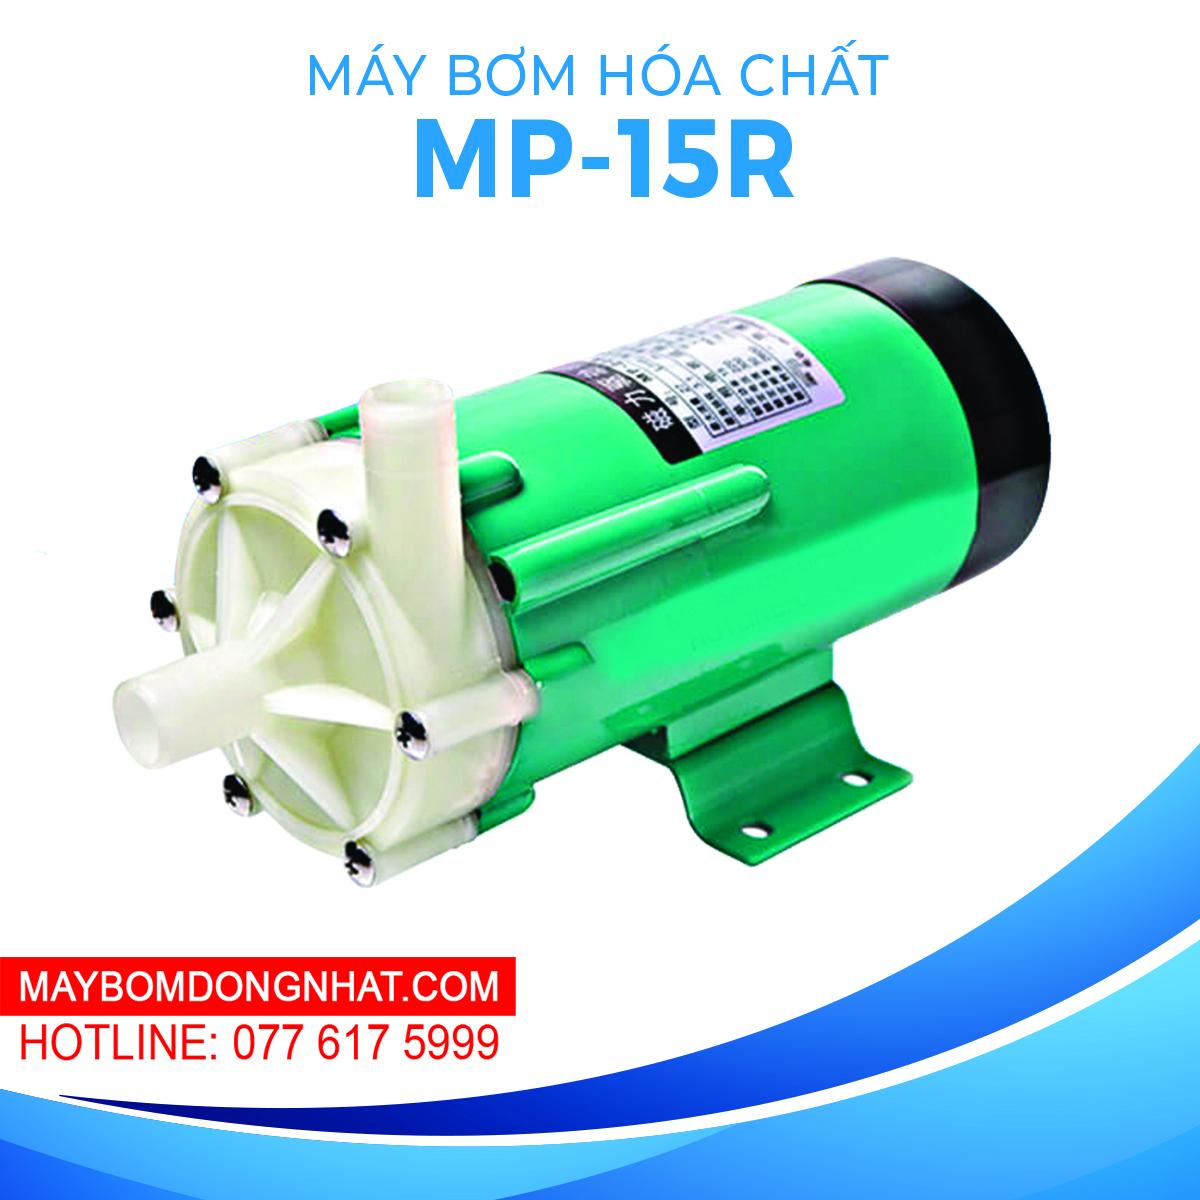 Máy bơm hóa chất Smartpumps MP-15R 220V 10W